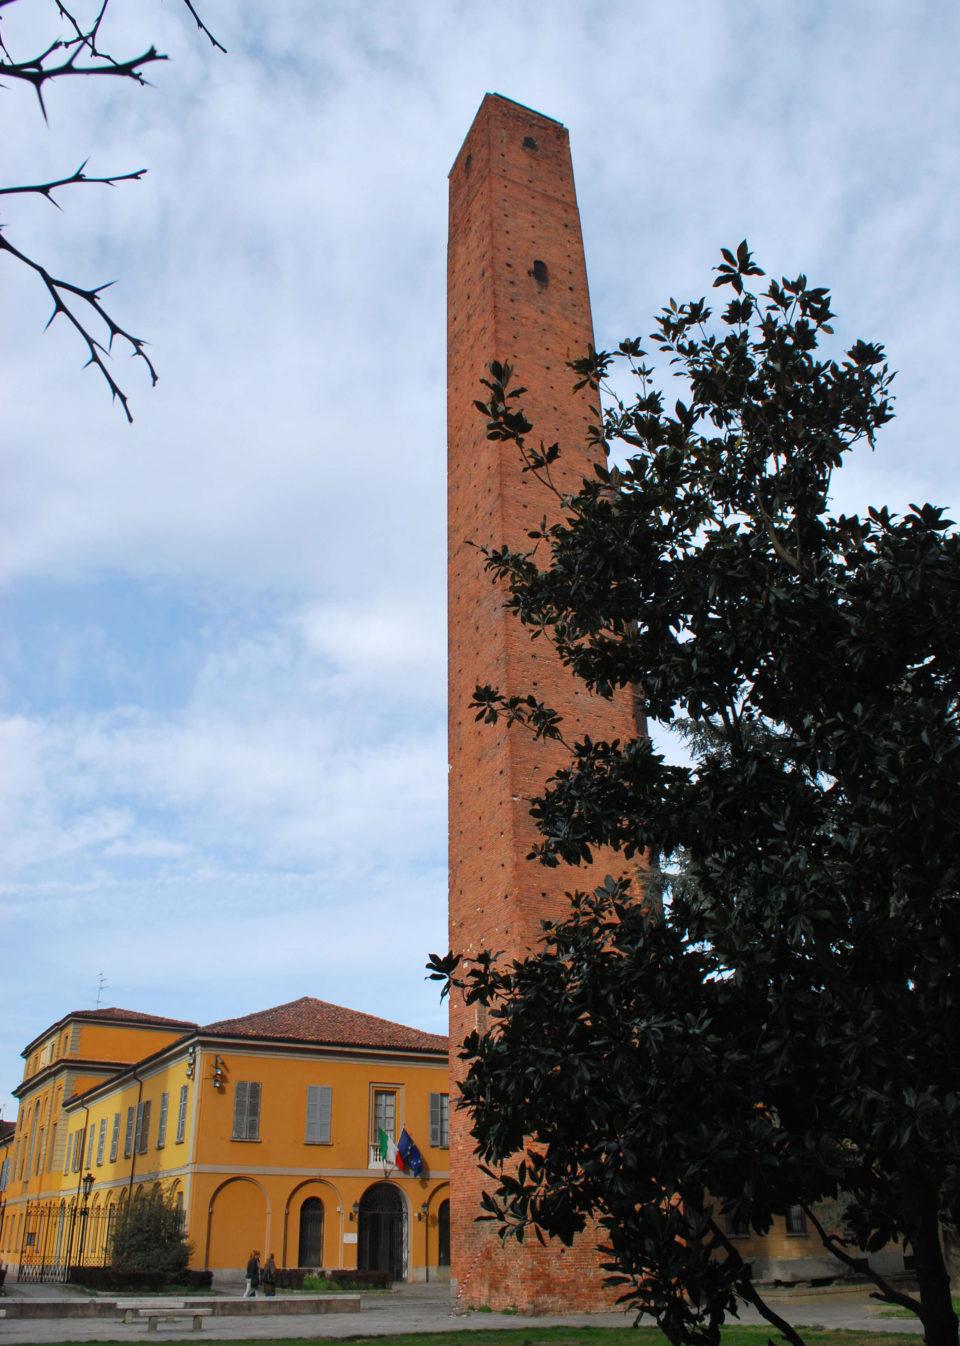 Geschlechtertürme in Pavia